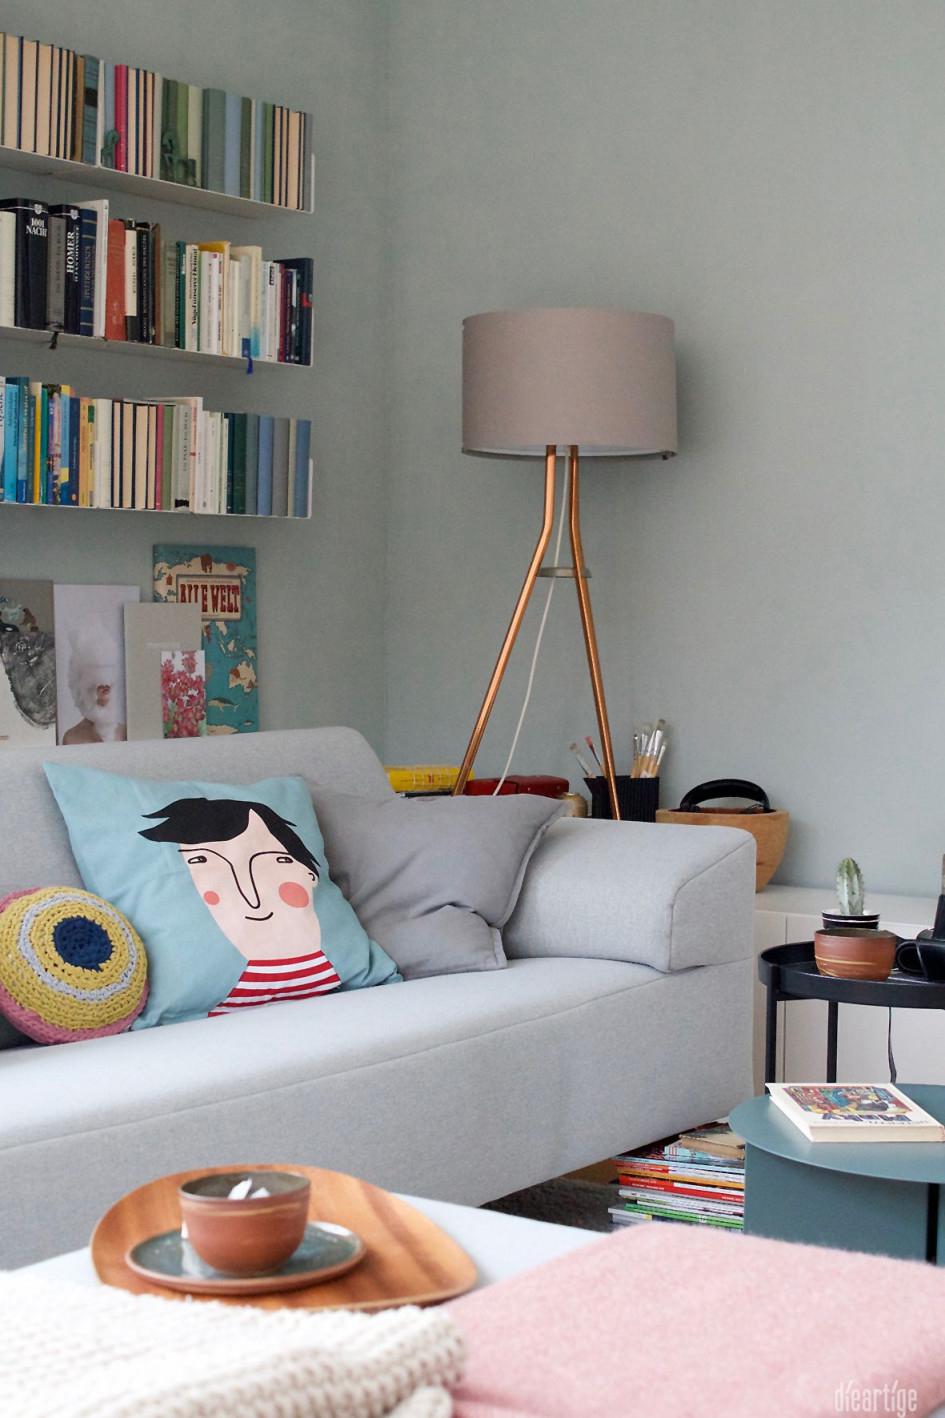 Dieartigeblog  Im Wohnzimmer Wird Es Bunt Salbei Hellblau von Deko Hellblau Wohnzimmer Bild